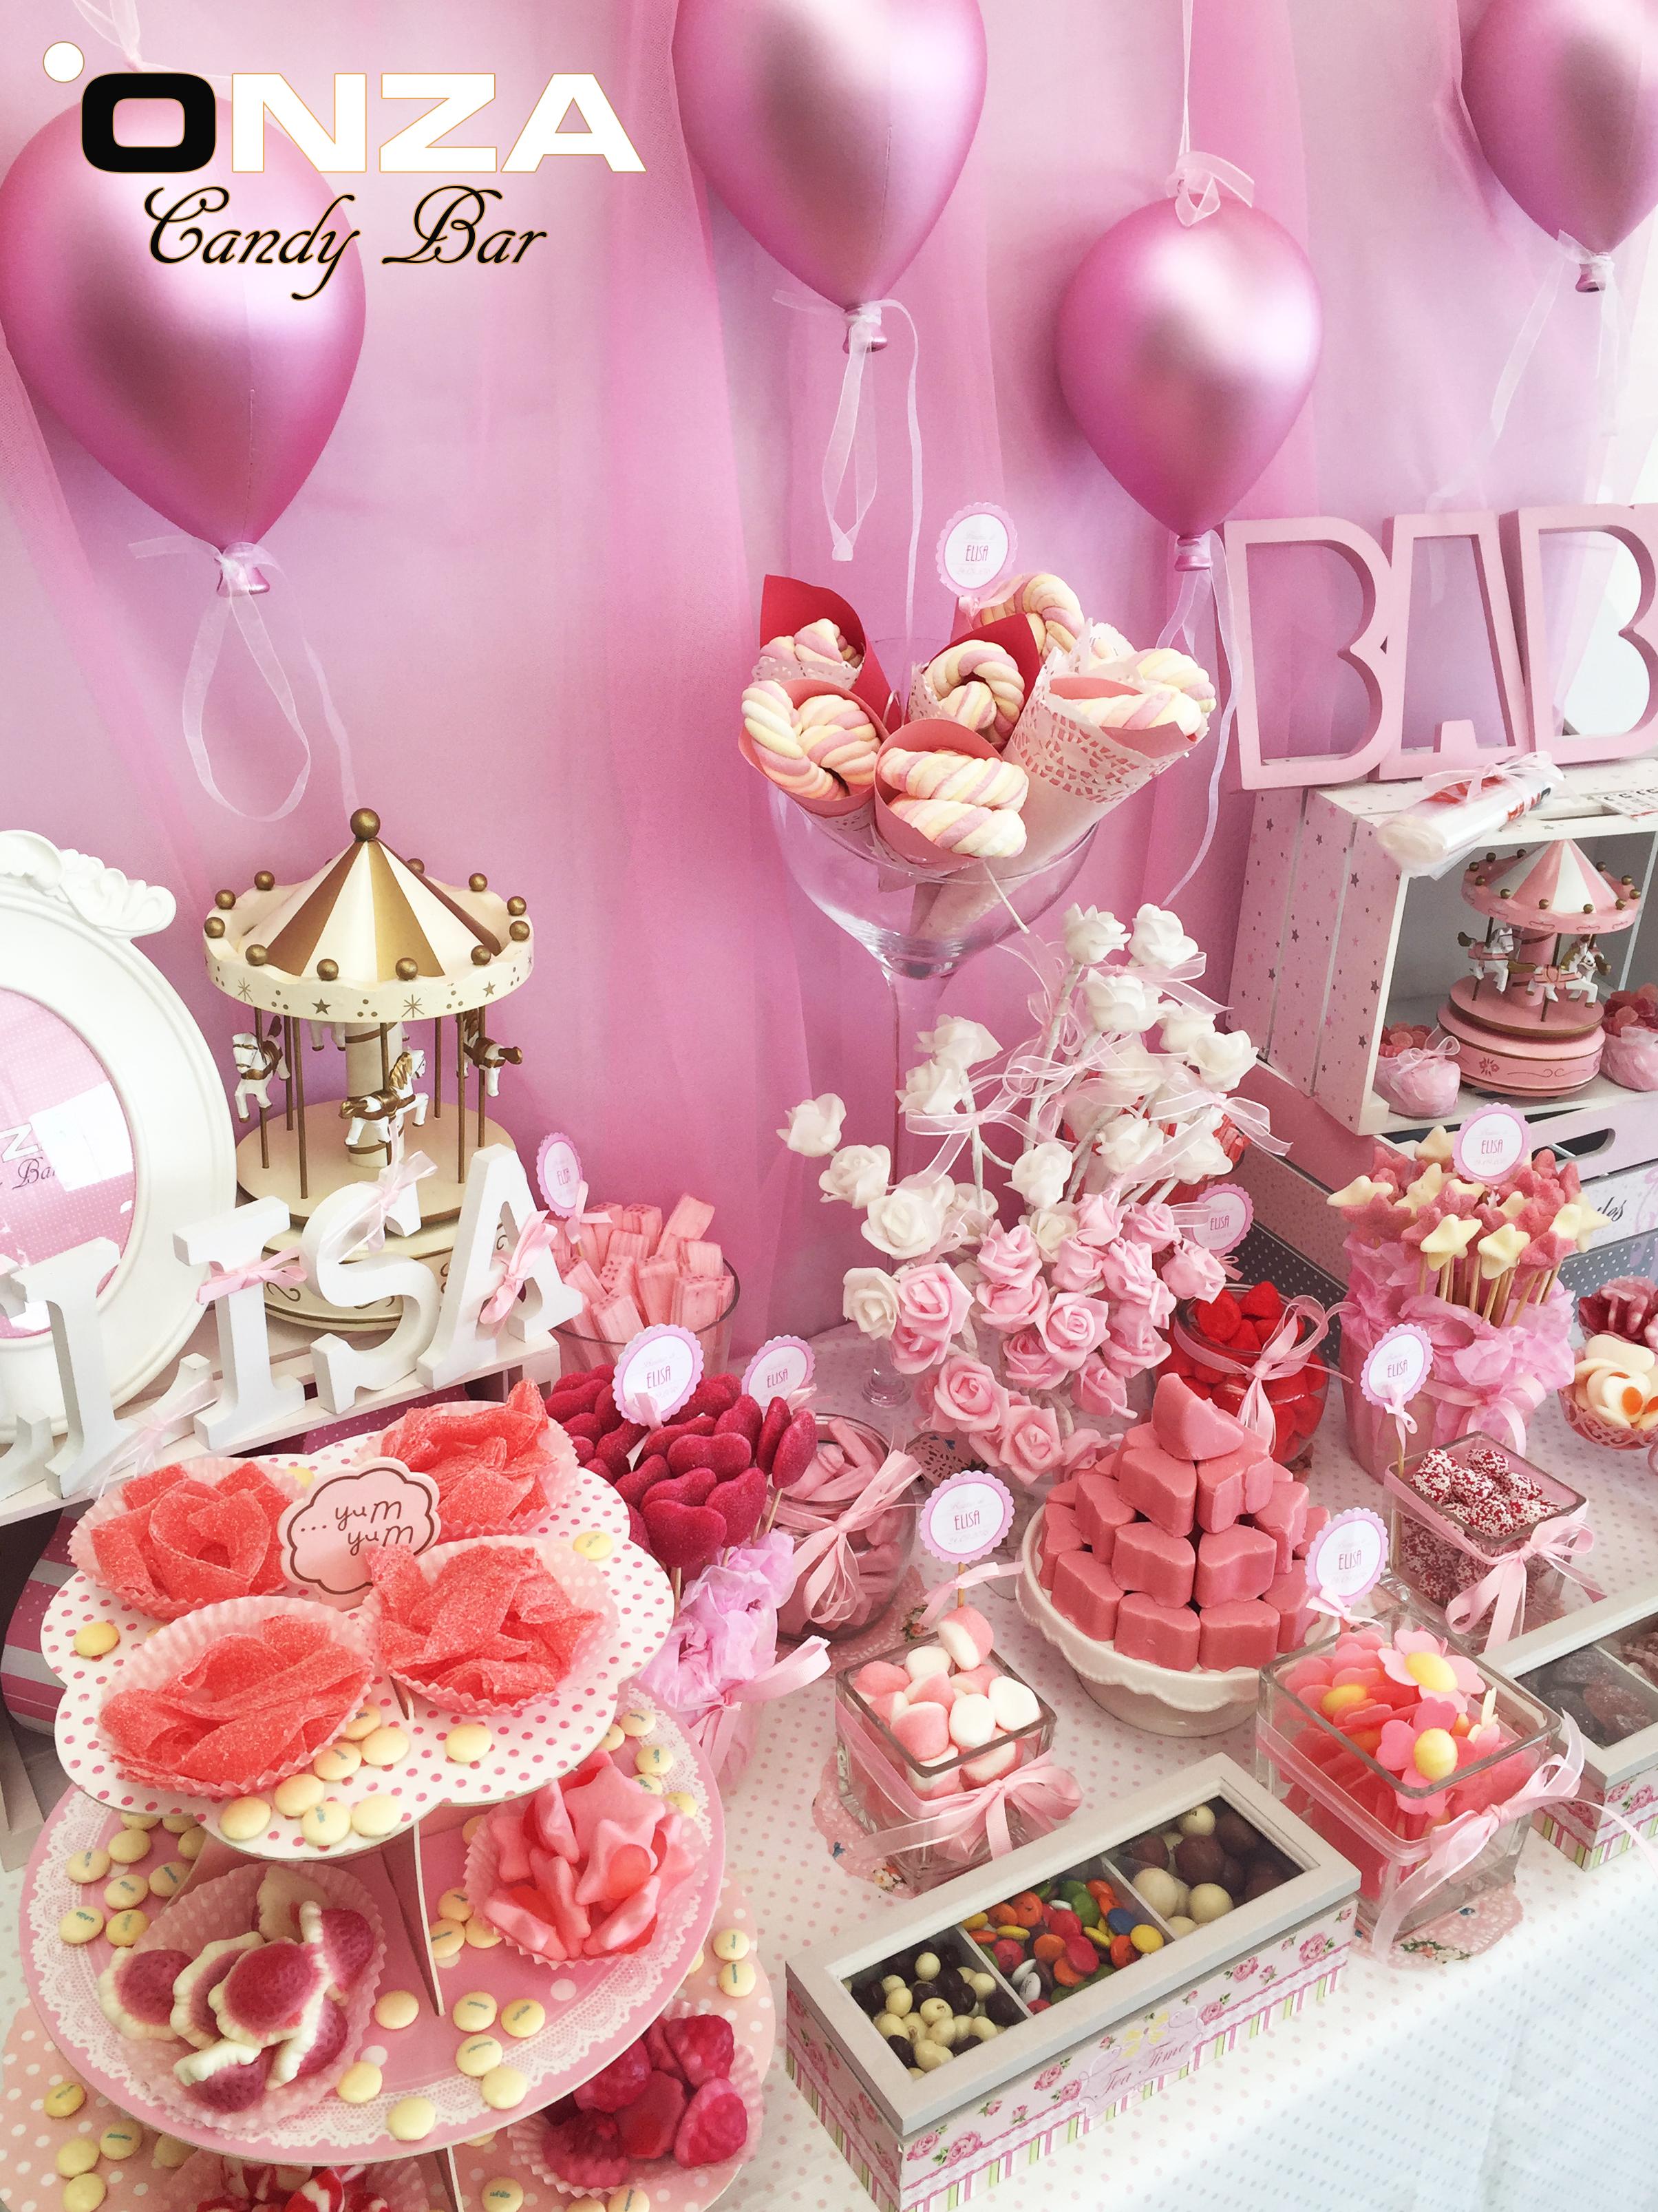 Onza candy bar tartas de chuches mesas dulces - Decoracion en valencia ...